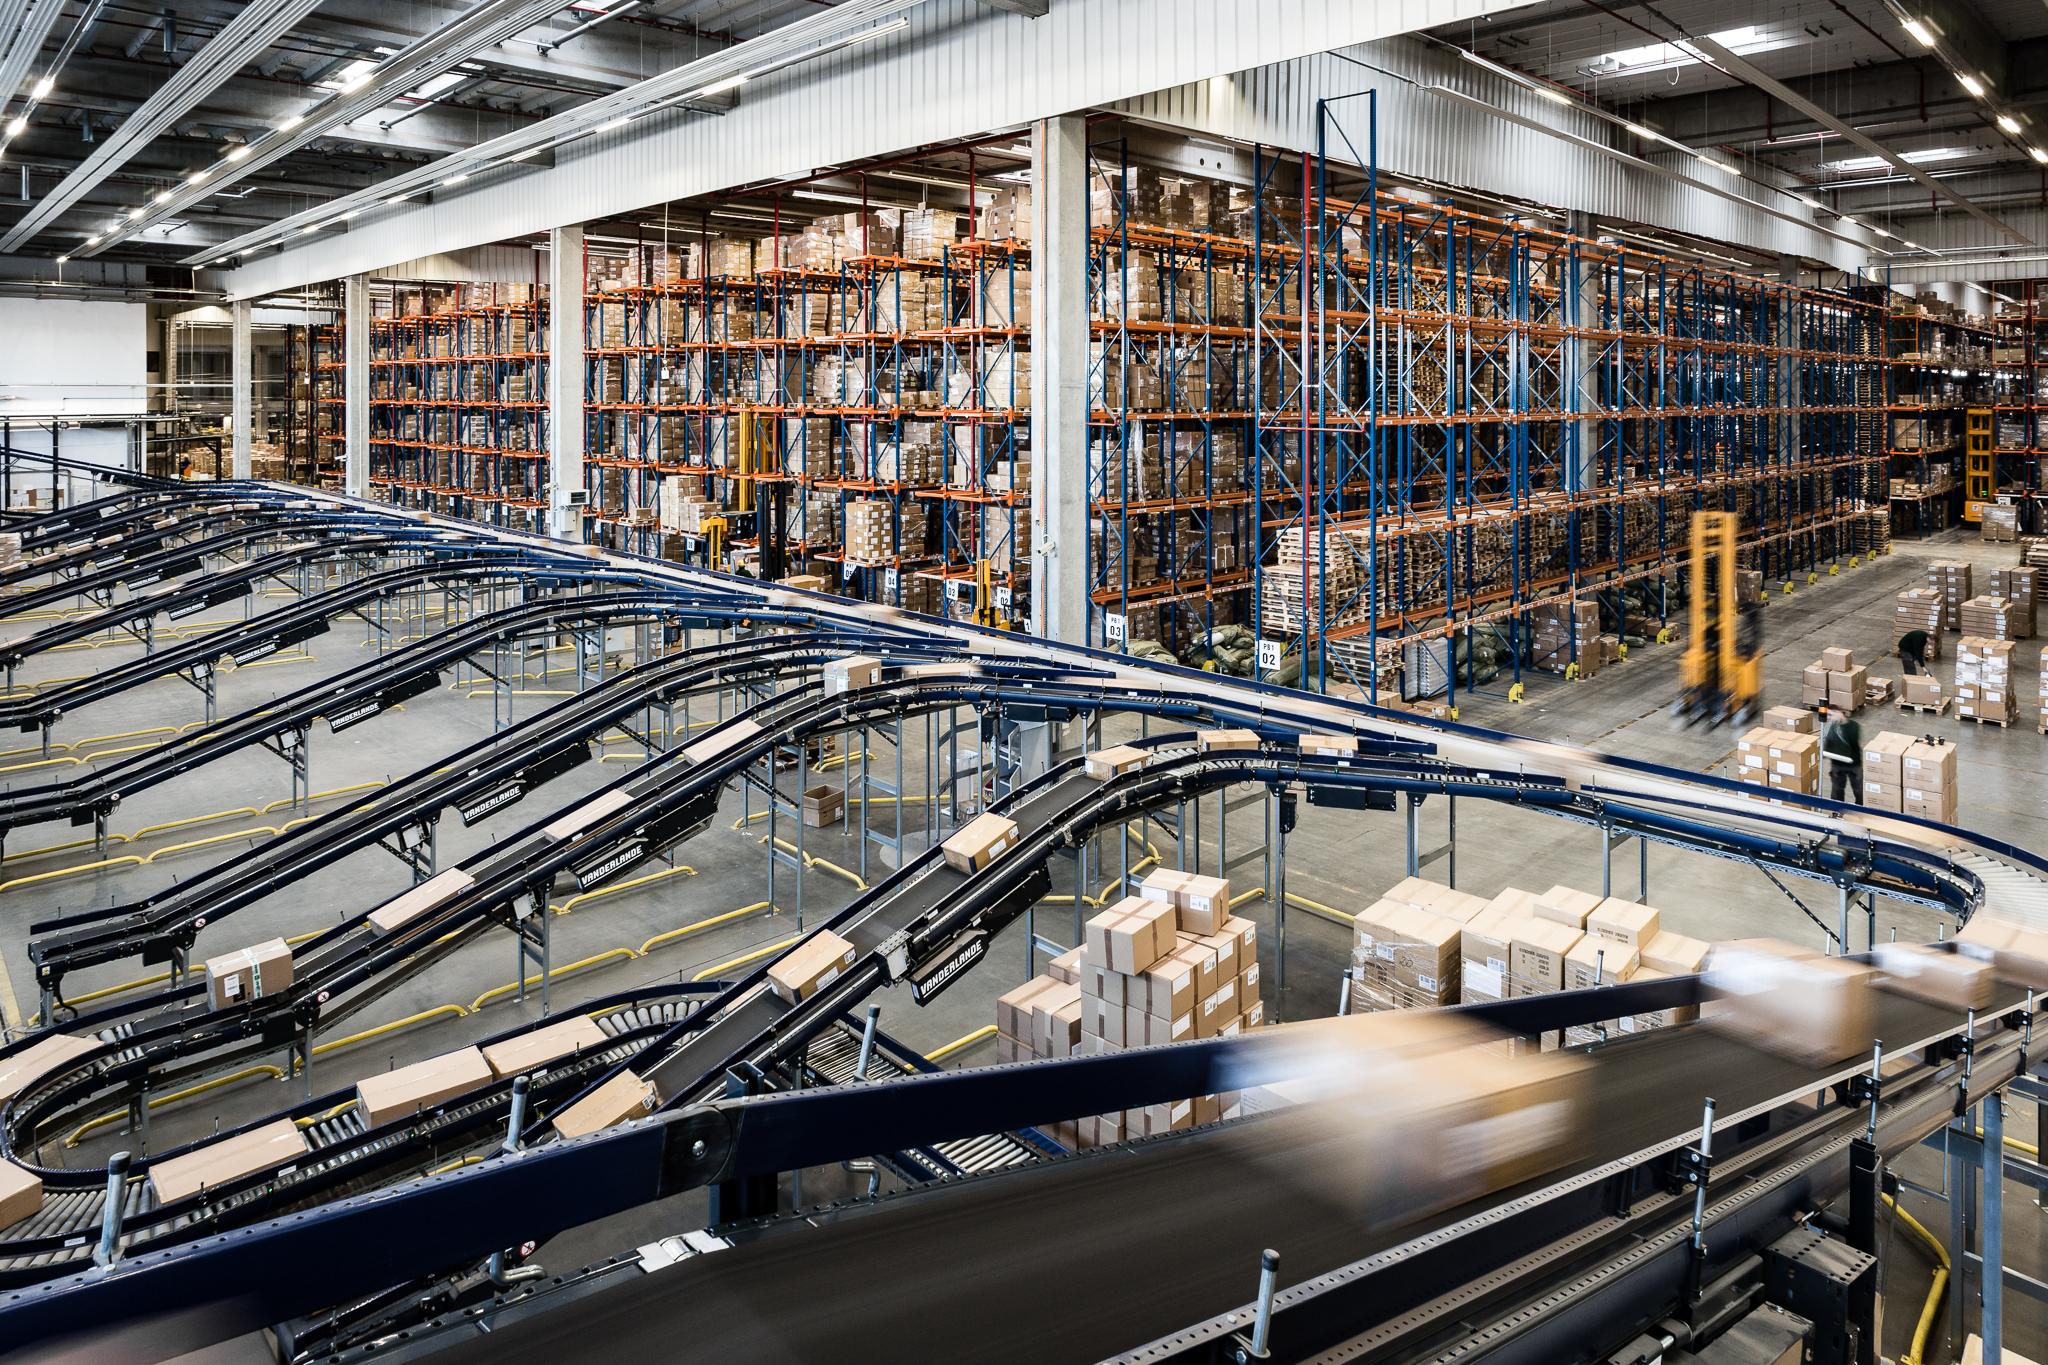 LPP stawia na automatyzację procesów, ale mocno podkreśla rolę pracowników (fot. LPP)